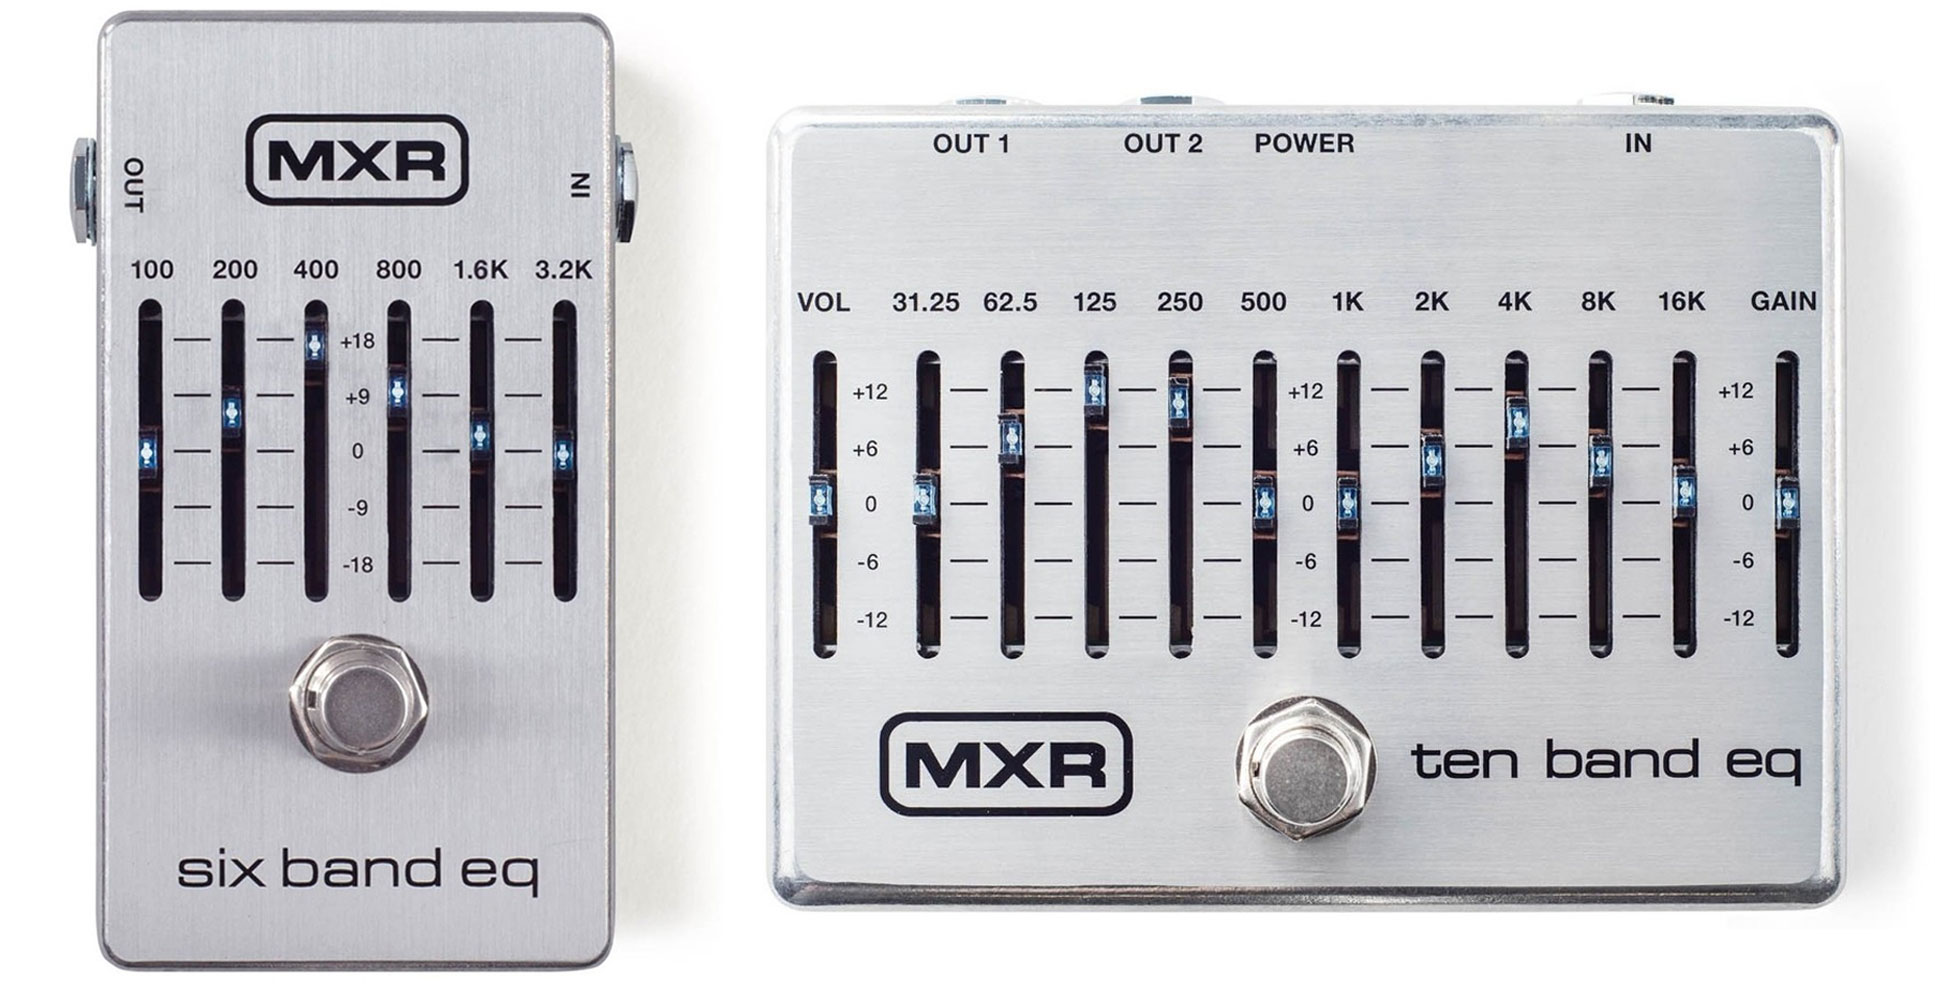 MXR EQ Pedals